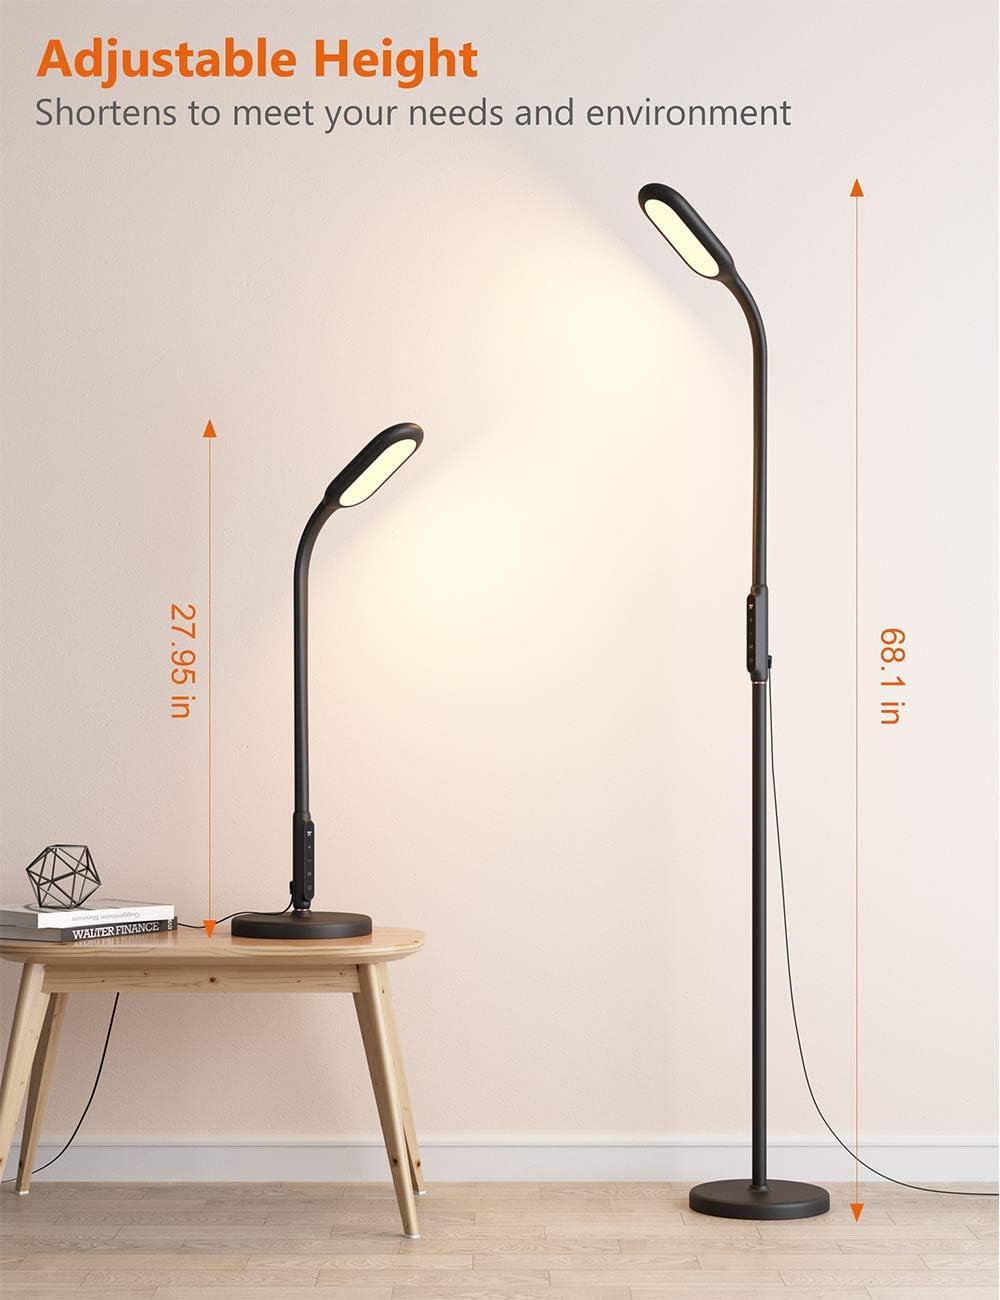 TaoTronics Stehlampe LED Dimmbar 12W Stehleuchte für Wohnzimmer Schlafzimmer, Hohe 30.000 Stunden Lebensdauer, 5 Helligkeitsstufen, 3 Farbtemperaturen, Touch-Bedienung, Flexibler Schwanenhals, Schwarz Schwarz